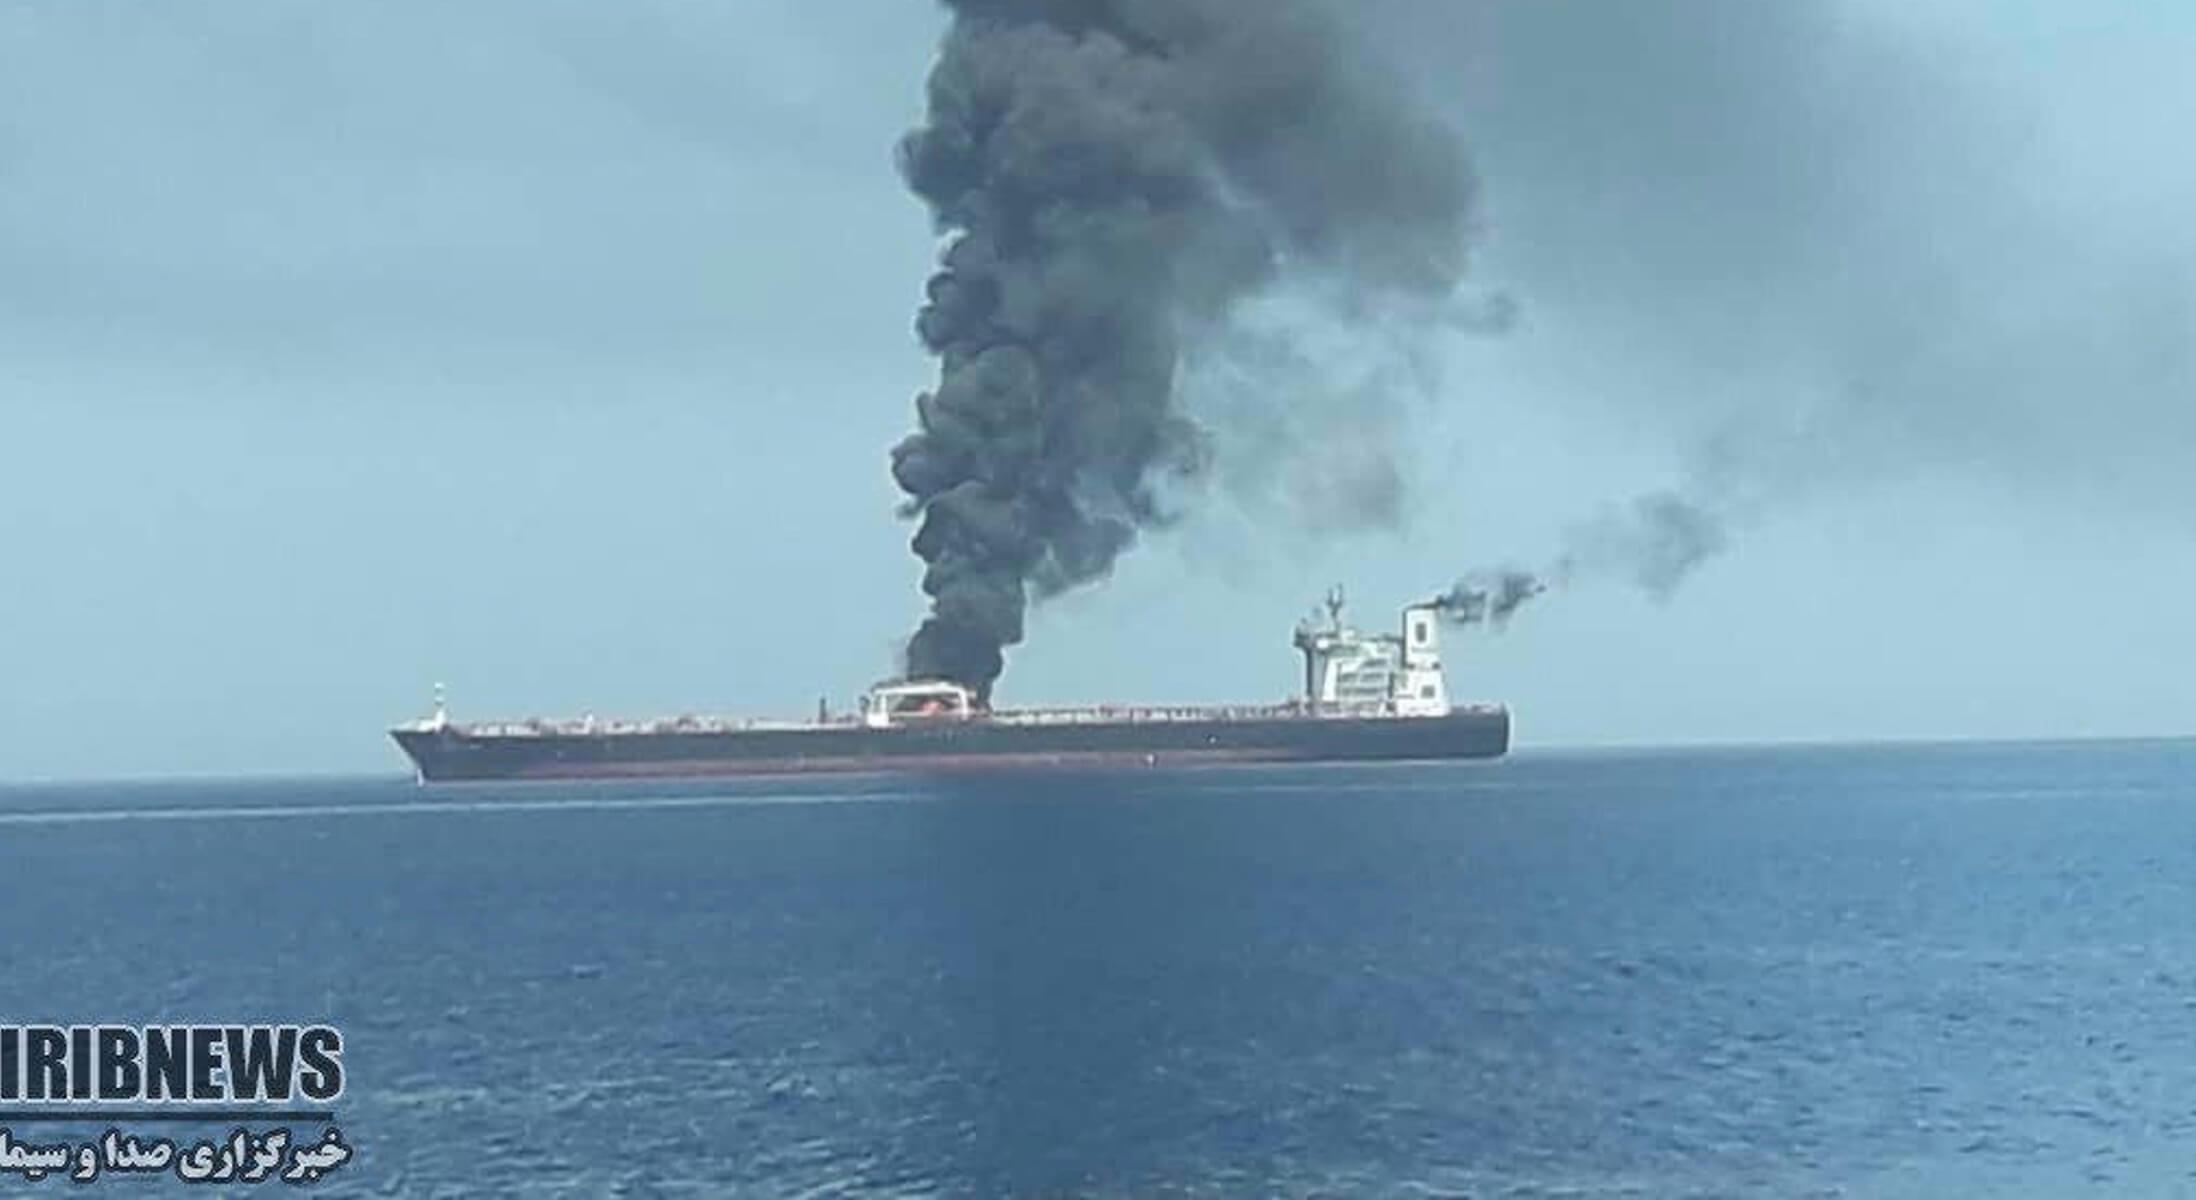 Βυθίστηκε σύμφωνα με τους Ιρανούς το τάνκερ Front Altair που χτυπήθηκε με τορπίλη στον Κόλπο του Ομάν! Η πλοιοκτήτρια το αρνείται!